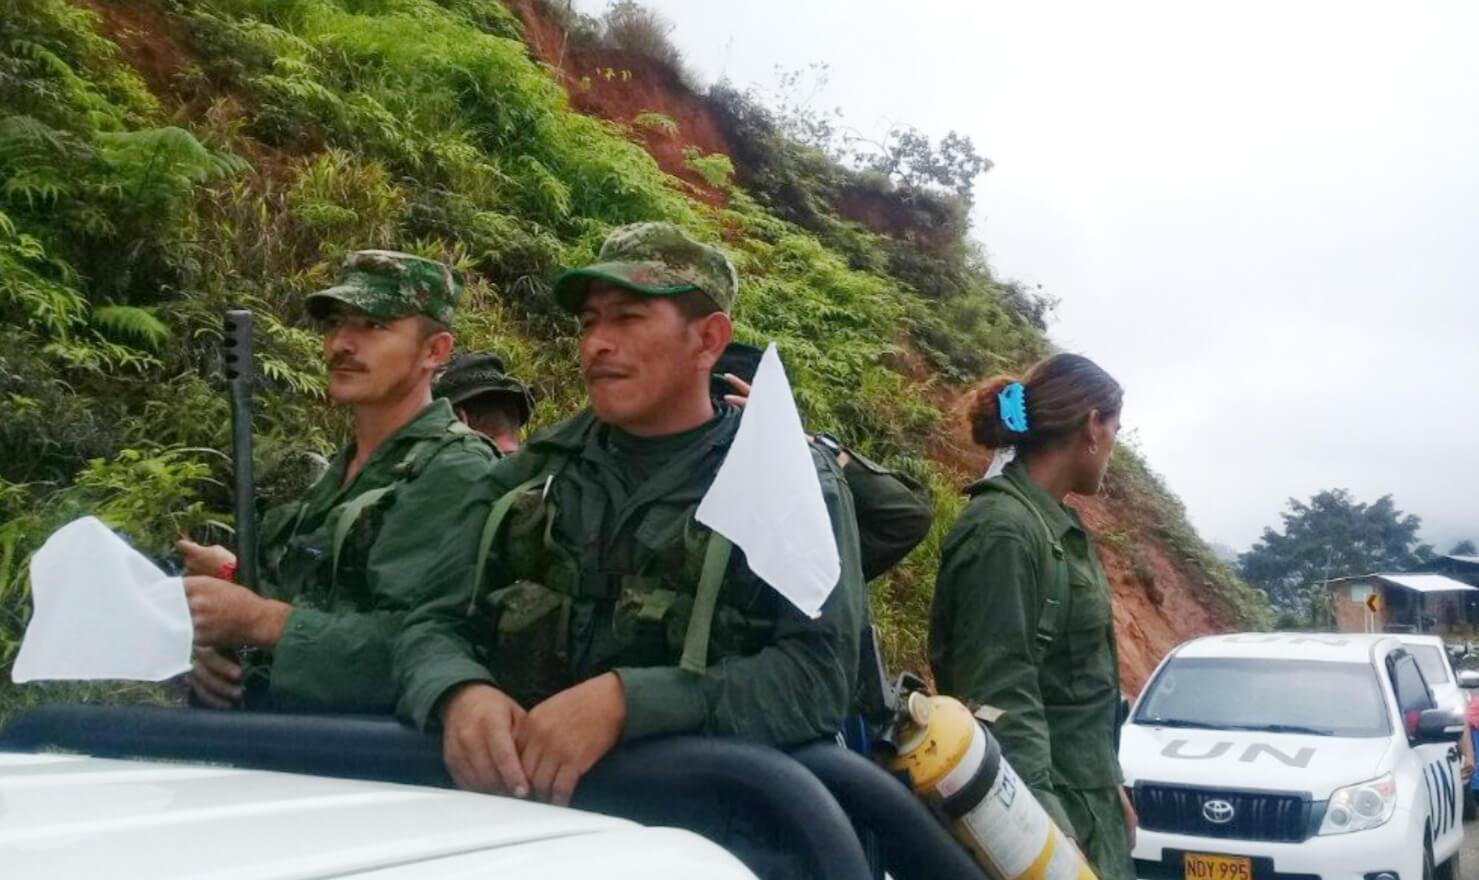 En imágenes: La guerrilla más antigua de mundo camina hacia la vida sin armas